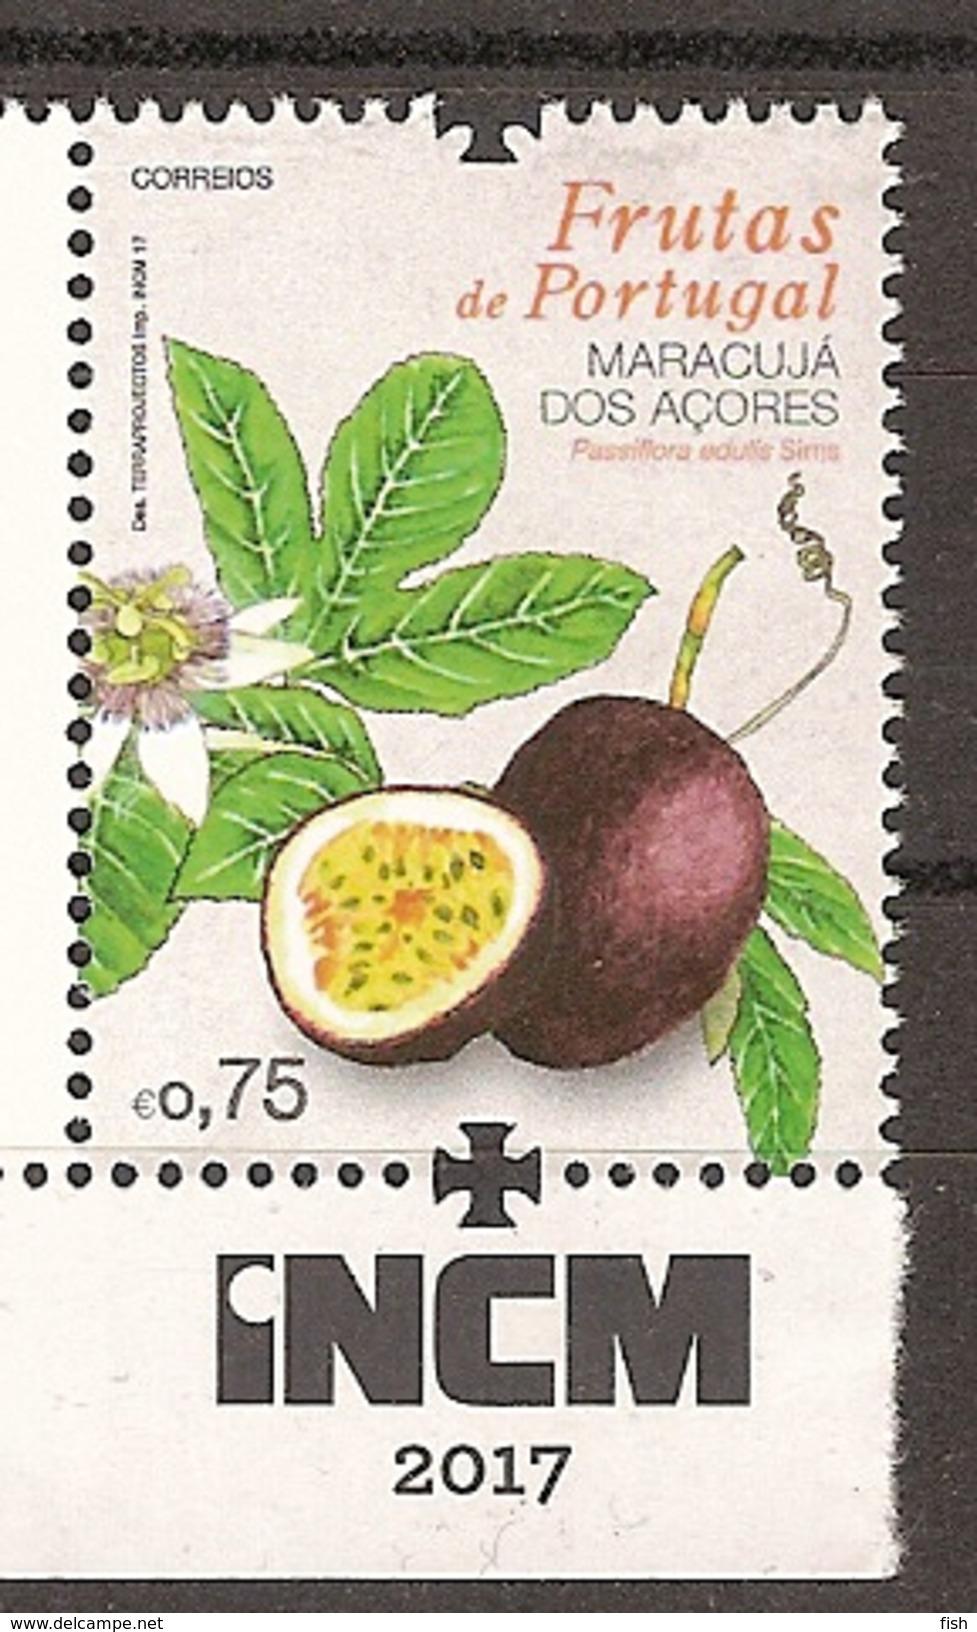 Portugal ** &  Passiflora Edulis Sims, Maracuja Dos Açores 2017 (2019) - 1910 - ... Repubblica